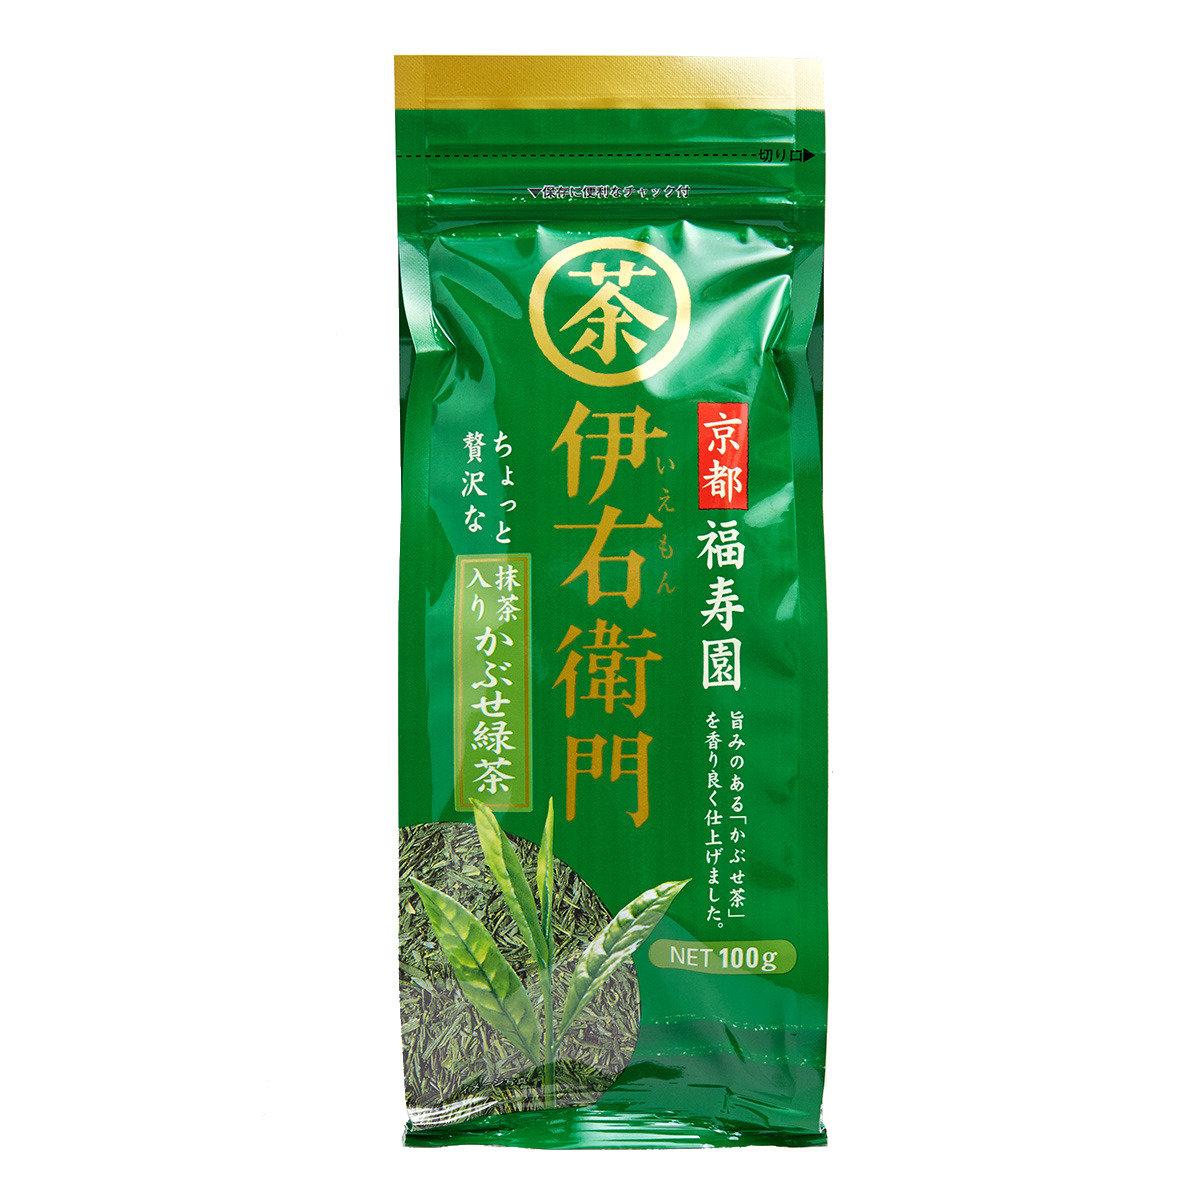 伊右衛門綱植綠茶